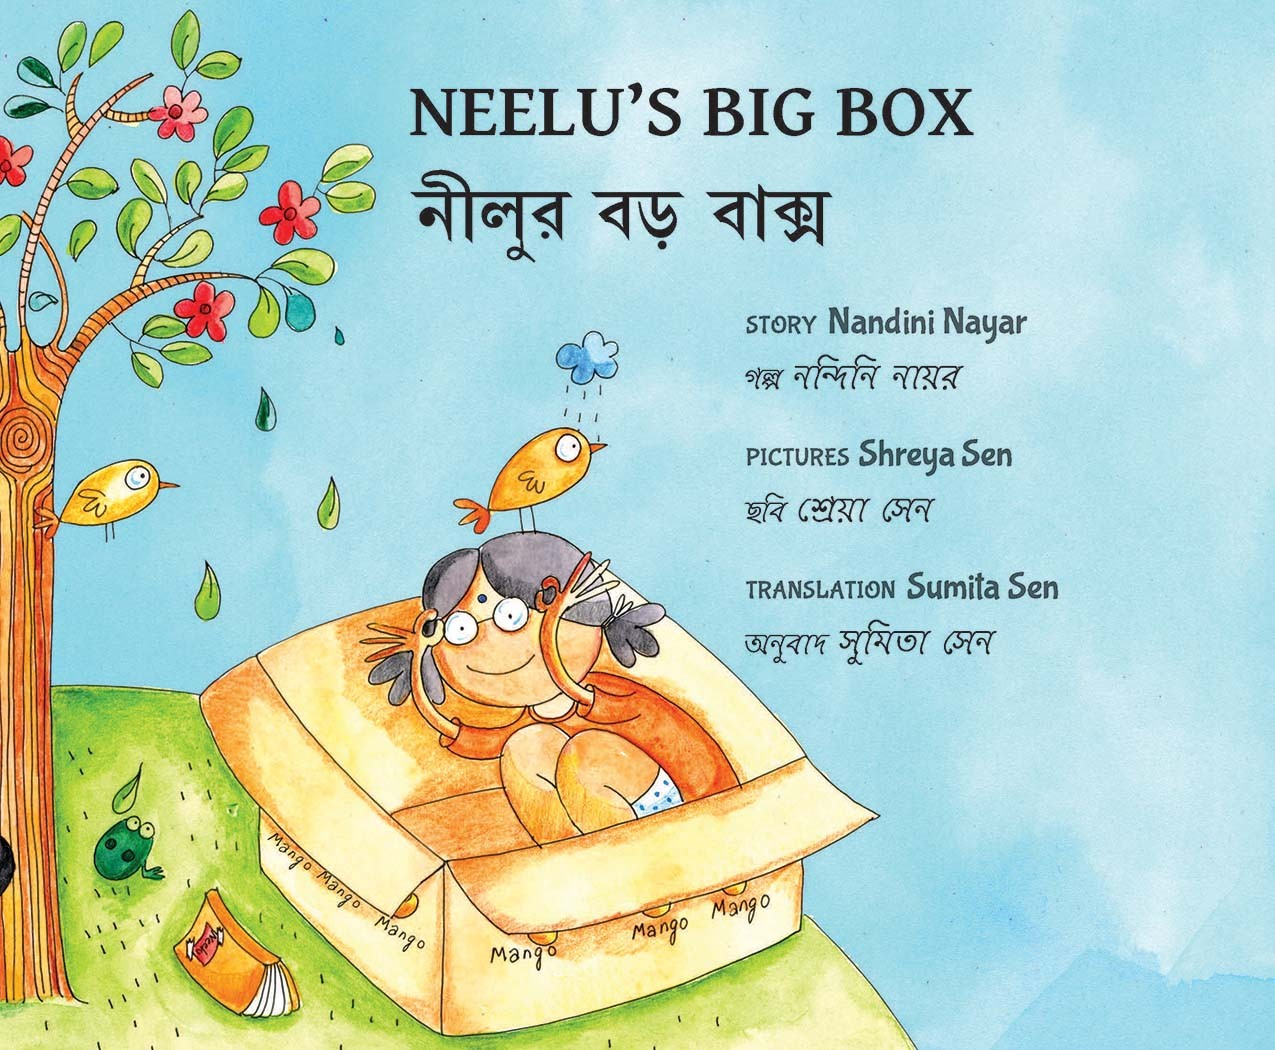 Neelu's Big Box/Neelur Bodo Baksho (English-Bengali)